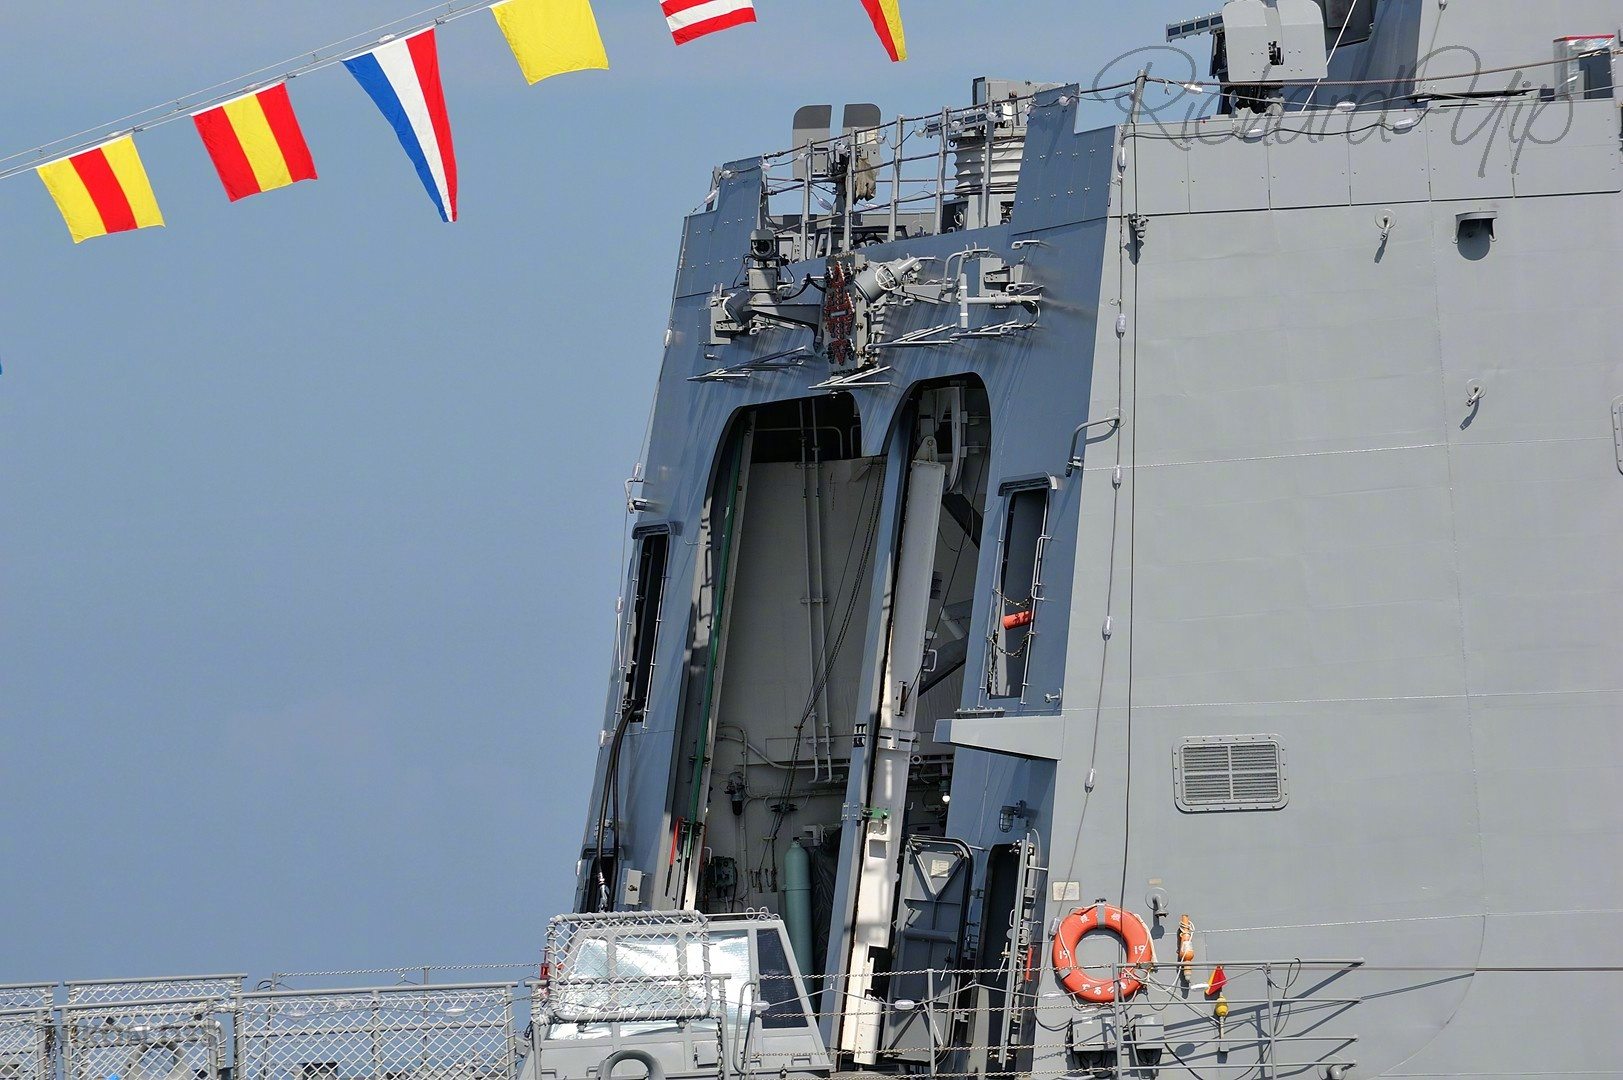 继续小步快跑,全面超越054A—秋月级通用驱逐舰